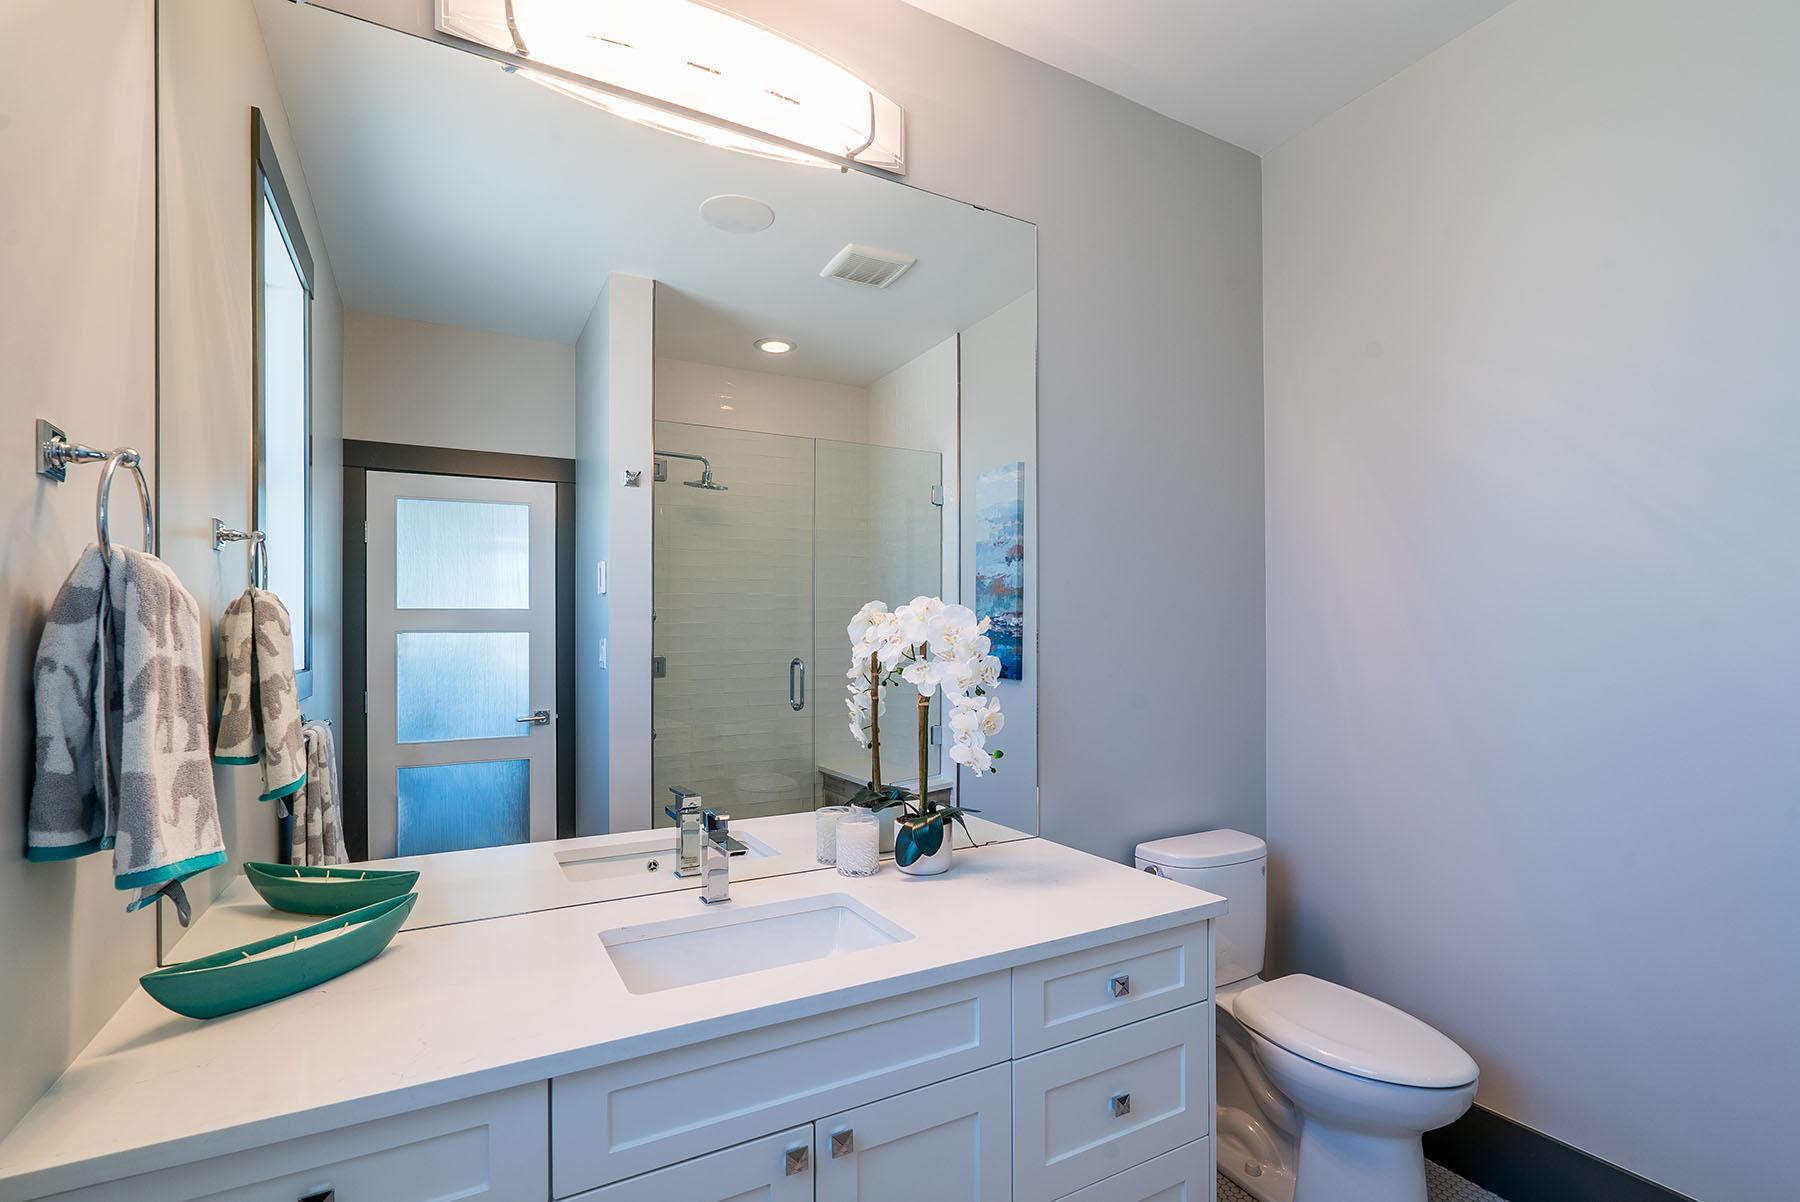 Bathroom - Vista2 001